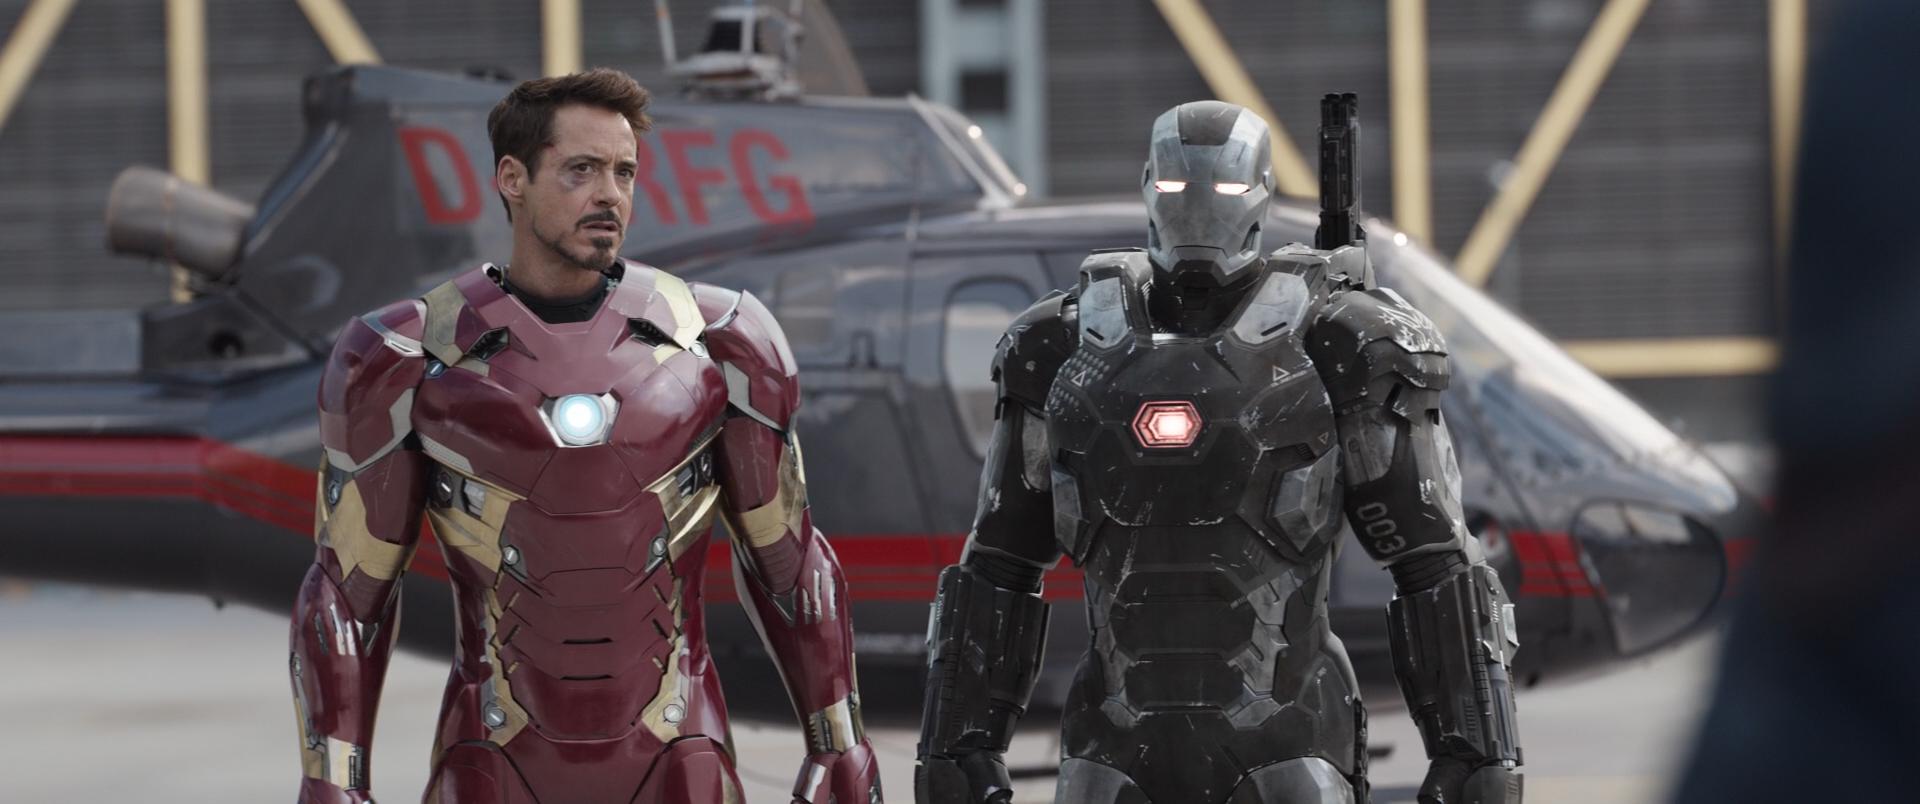 Первый мститель: Противостояние / Captain America: Civil War (2016) BDRip 1080p | iTunes